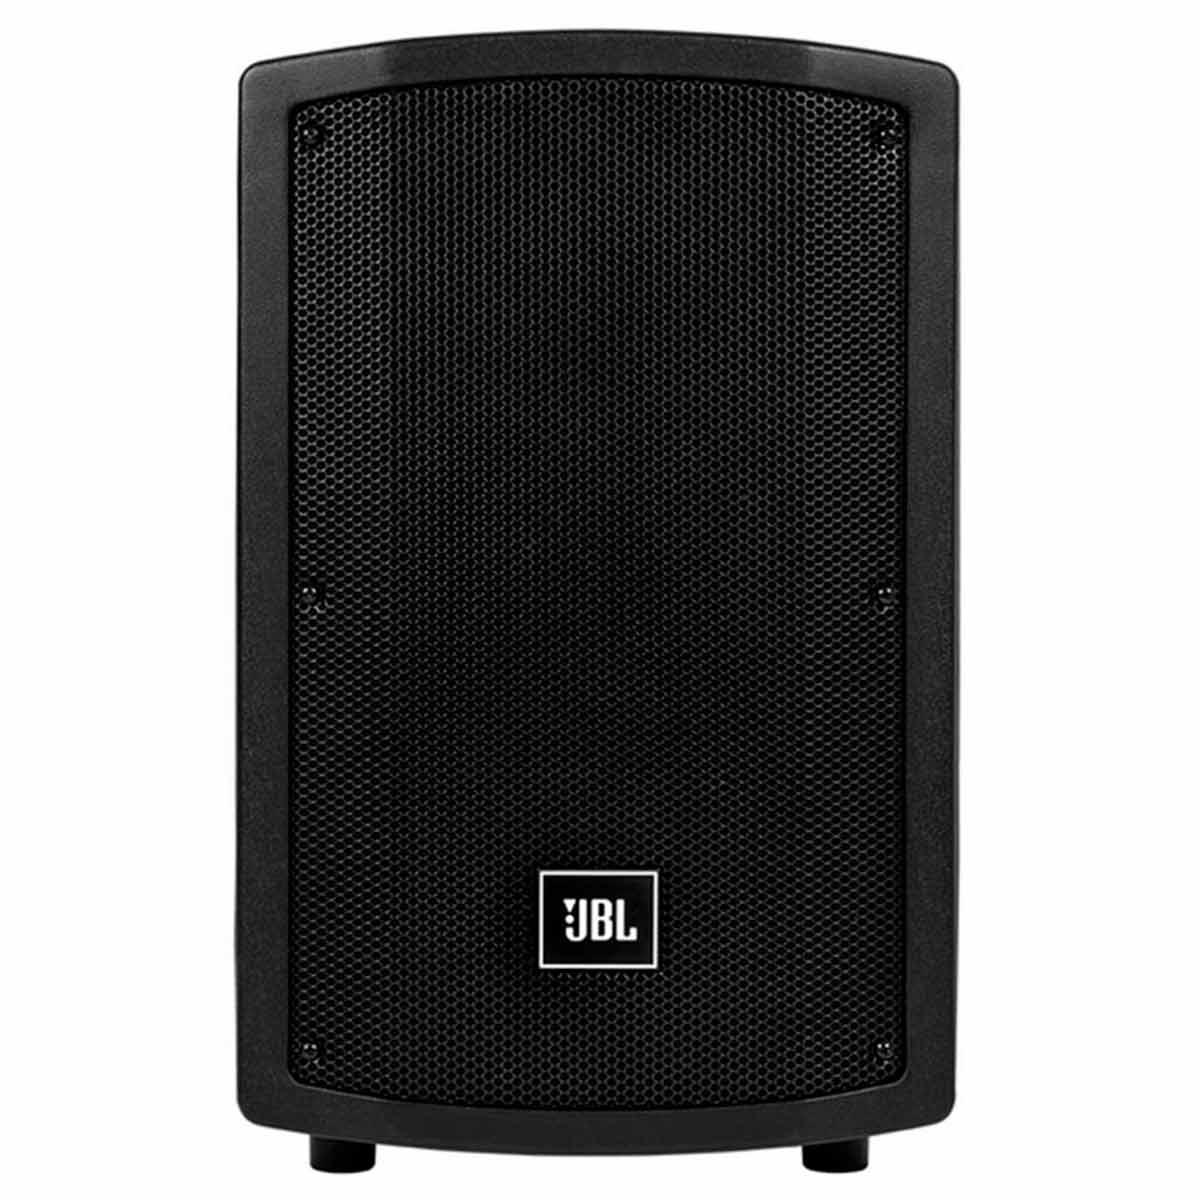 JS15BT - Caixa Ativa 200W c/ Bluetooth e USB JS 15 BT - JBL